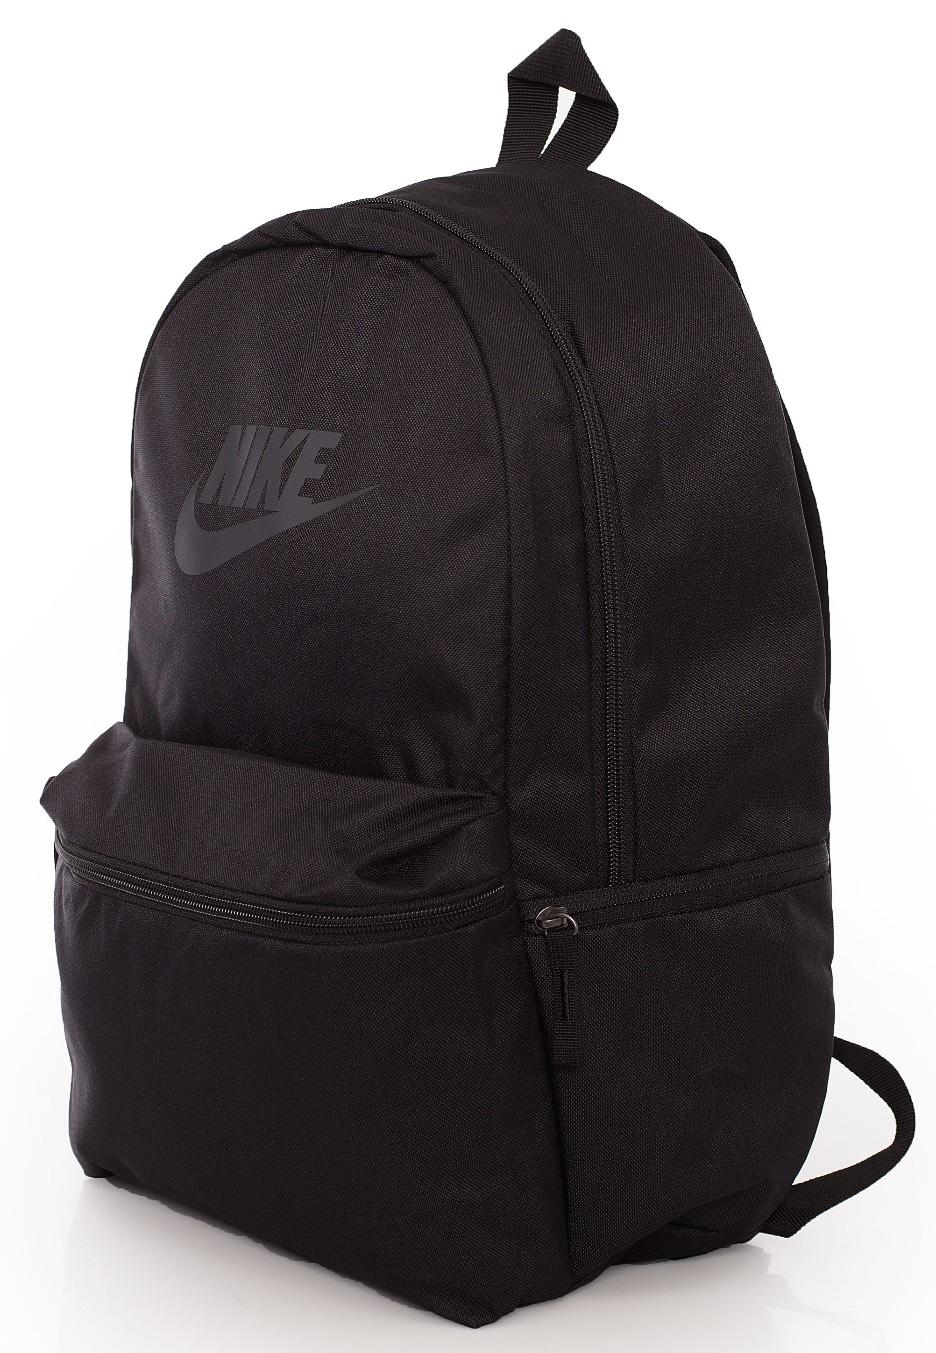 30c88ee892 Nike - Heritage Black/Black - Selkäreppu - Katumuotikauppa ...